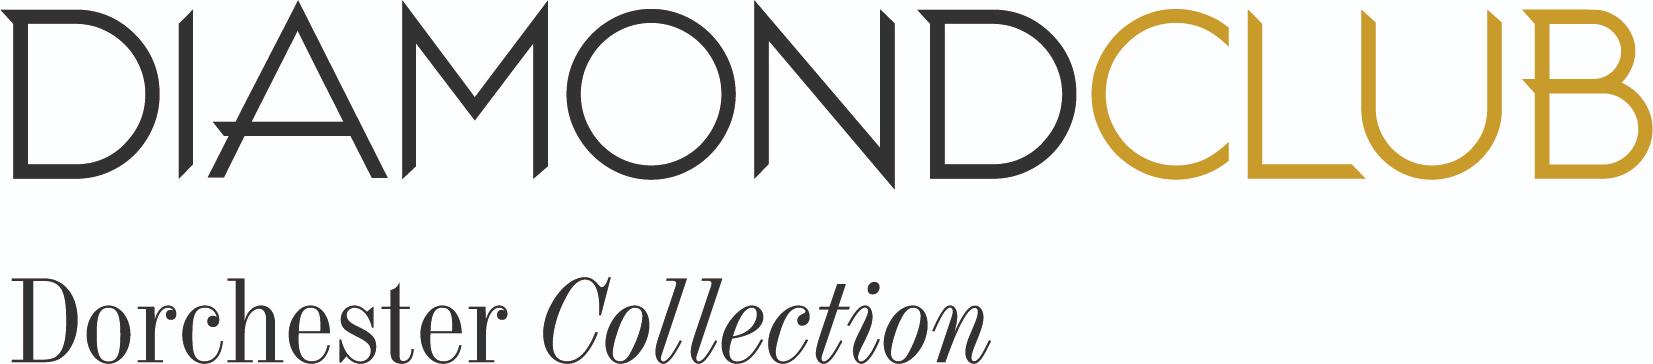 Dorchester Collection Diamond Club